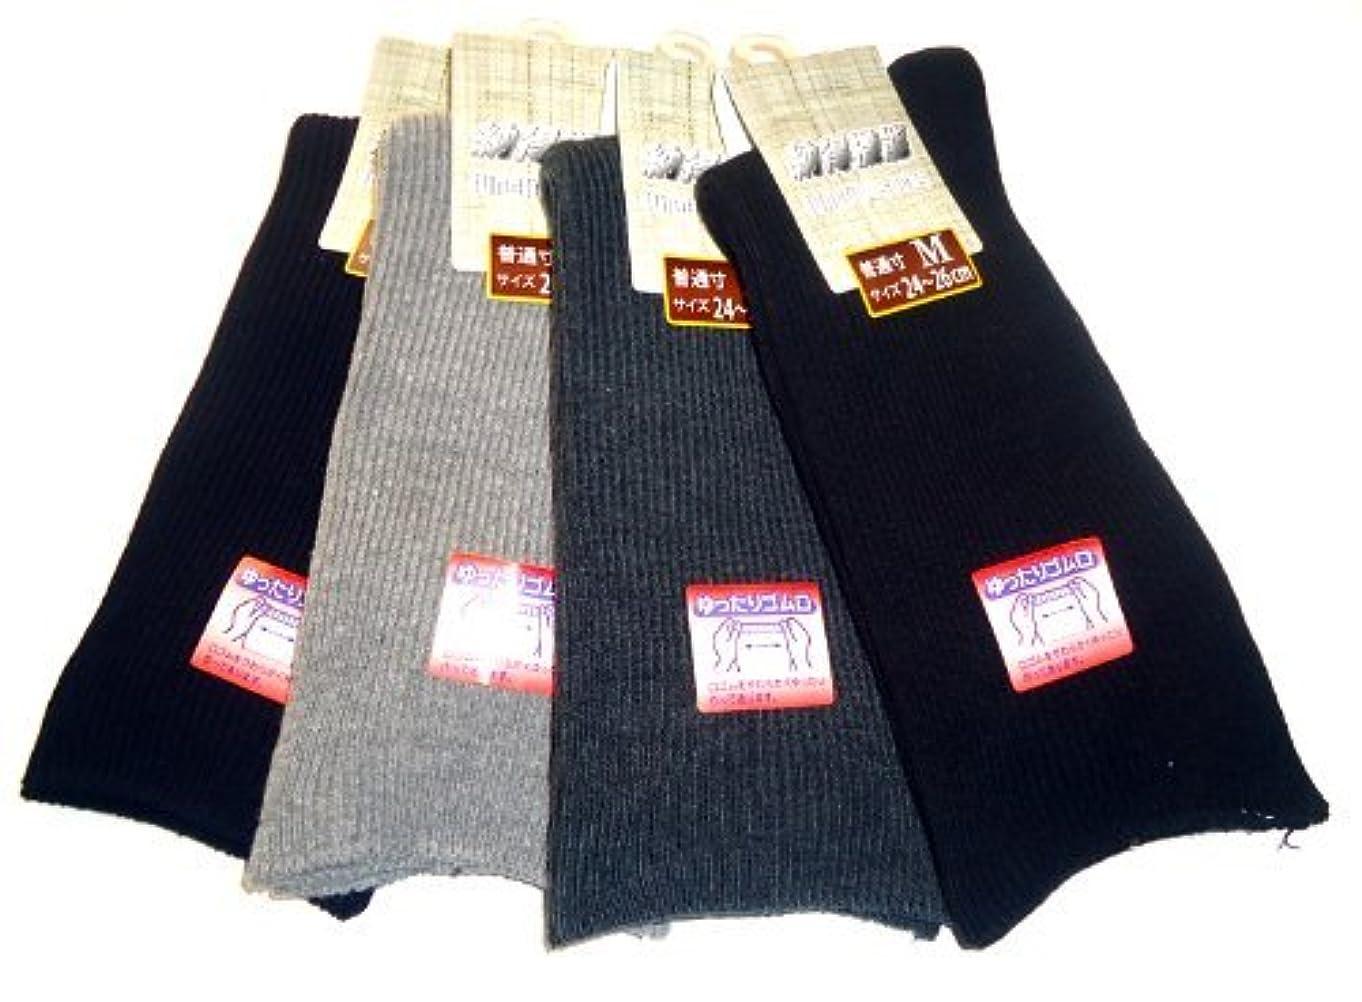 日本製 靴下 メンズ 口ゴムなし ゆったり靴下 24-26cm お買得4色4足組